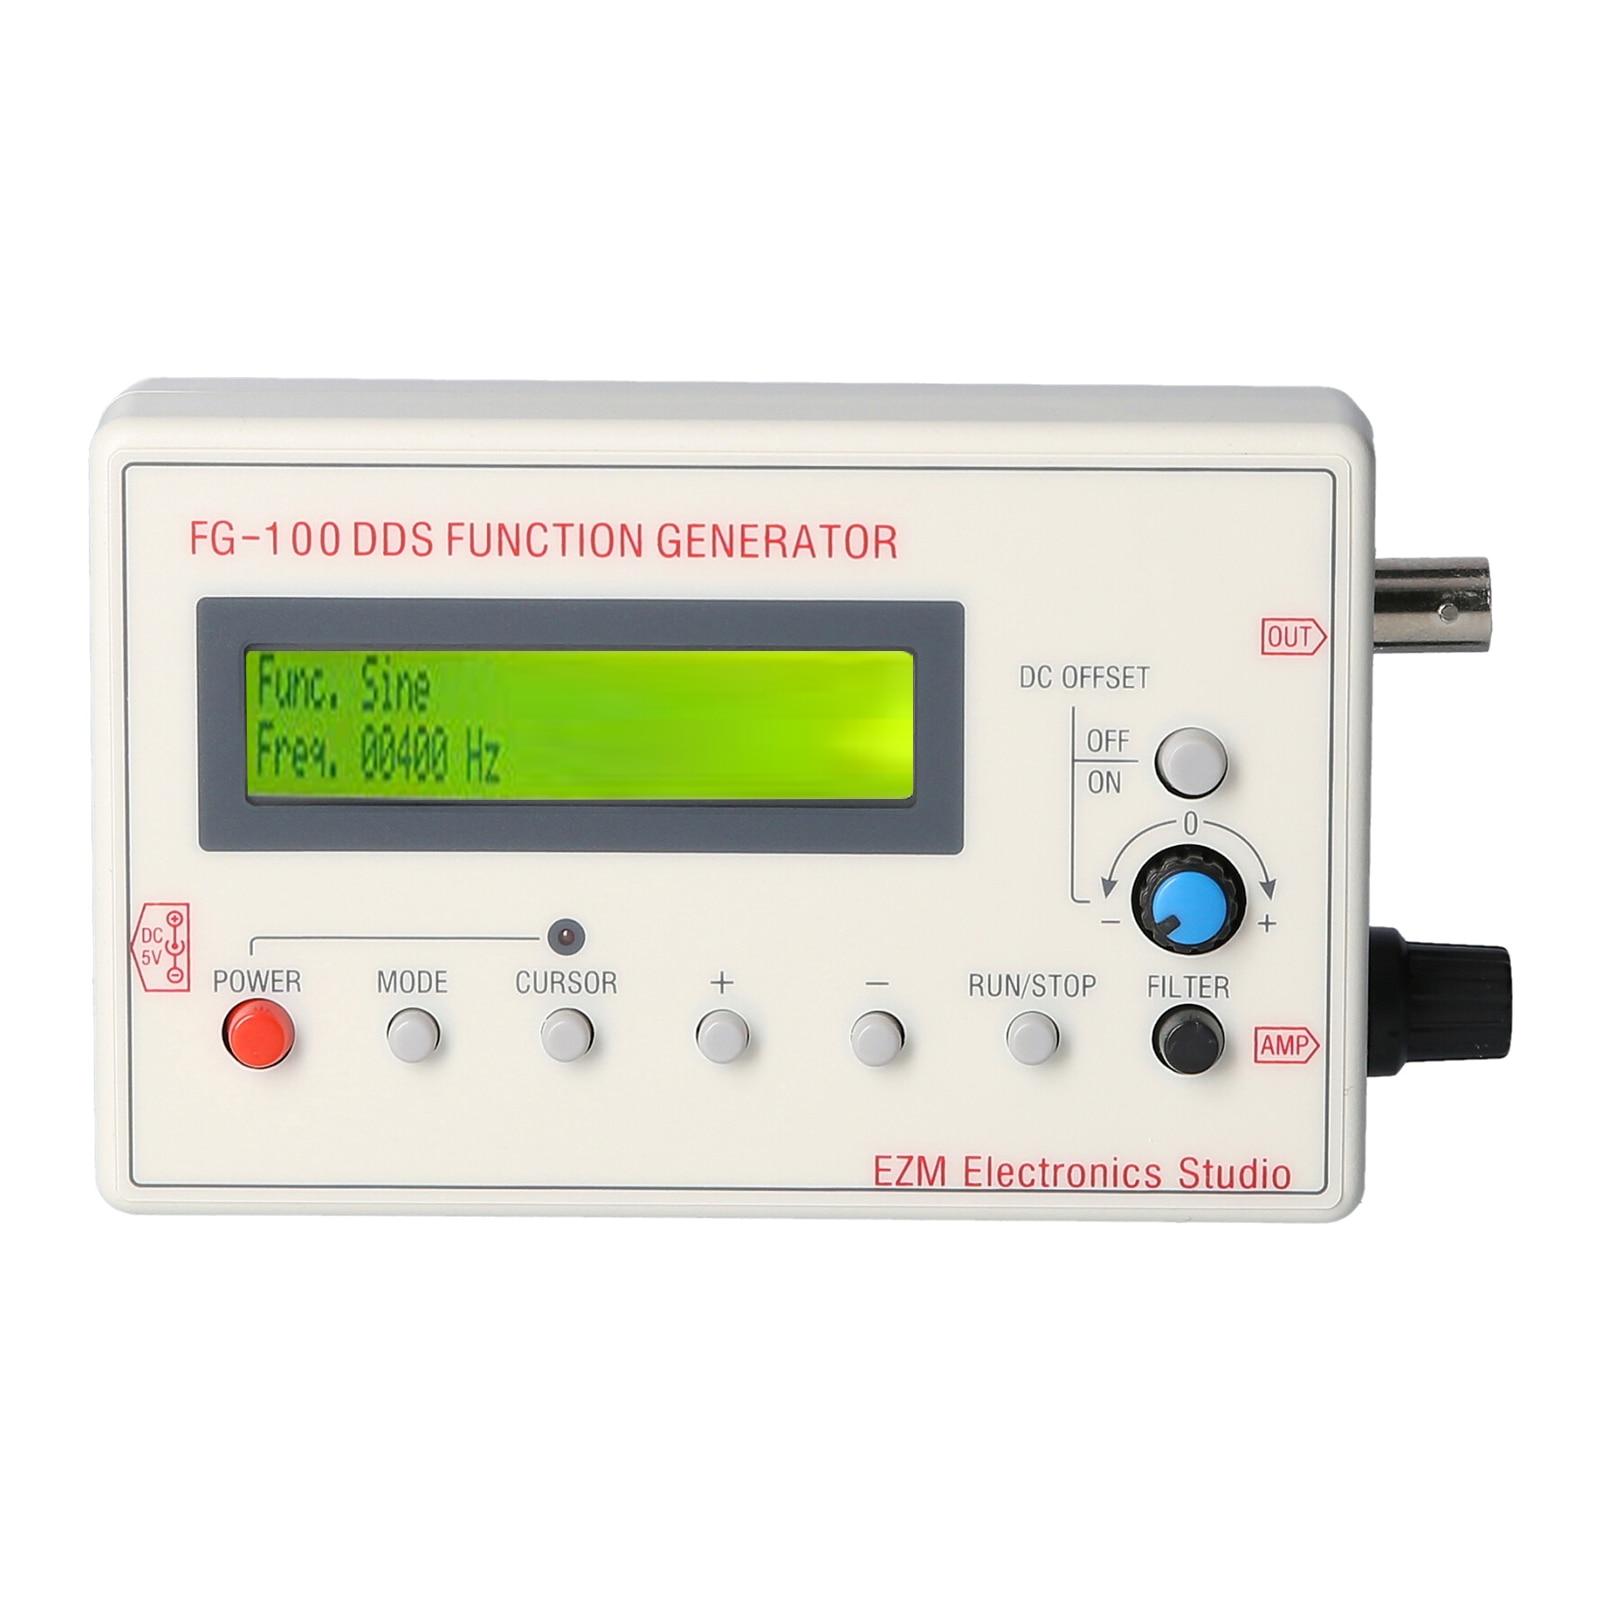 Генератор сигналов DDS с ЖК-дисплеем, 1 Гц-500 кГц, синусоидальный треугольник, квадратная волна, Пилообразная волна, счетчик частоты